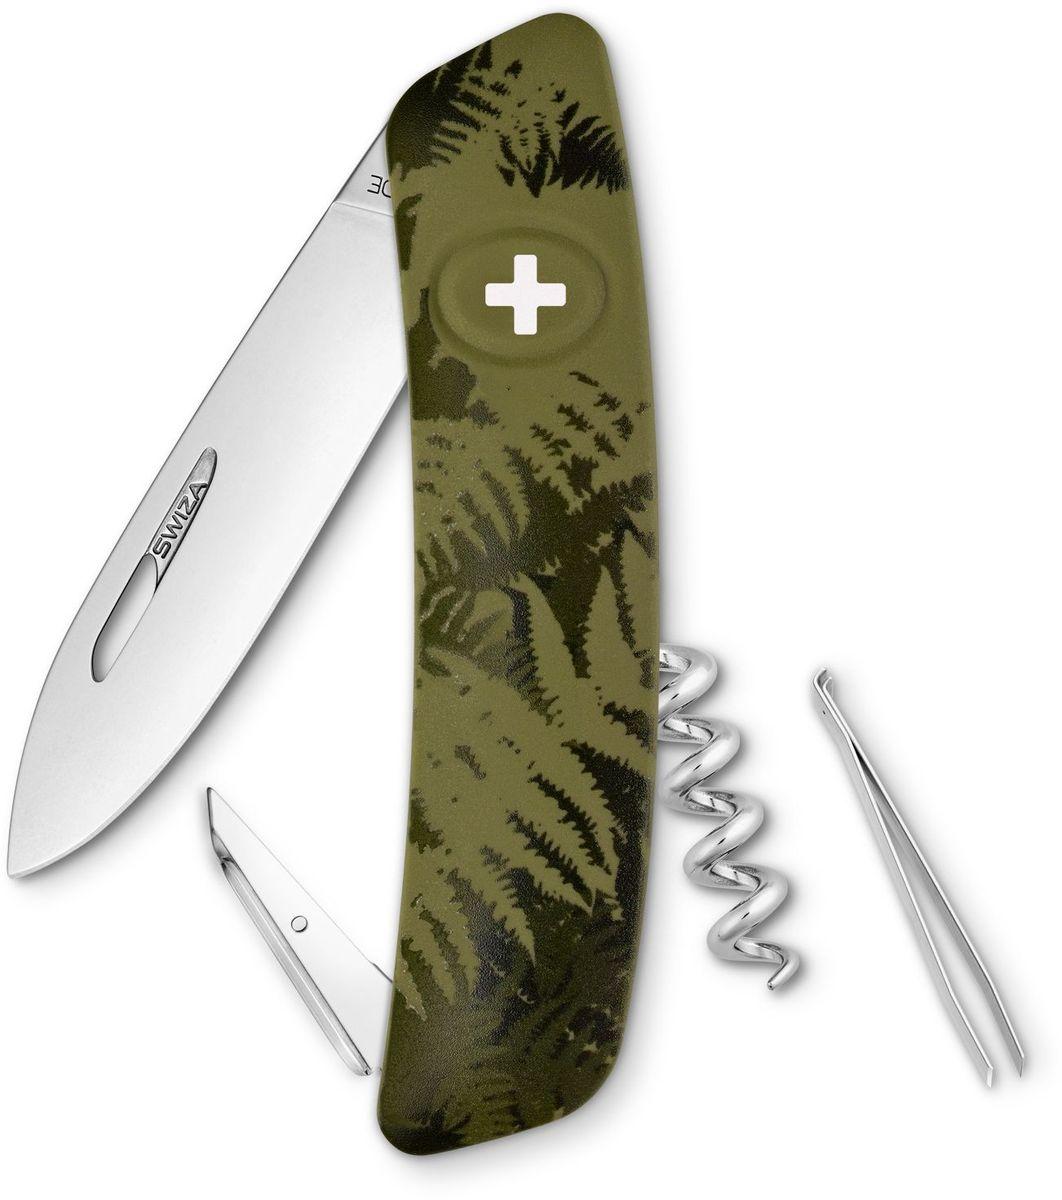 Нож швейцарский SWIZA C01, цвет: темно-зеленый, длина клинка 7,5 смKNI.0010.2050Швейцарский нож (SWIZA С01) с его революционной формой и безопасной рукояткой, легко раскладываемой ручкой - самый удобный и простой в использовании швейцарский нож на все времена. Эргономично изогнутая форма ножа обеспечивает более легкий доступ к инструментам, а пазы позволяют легко их открывать, как левой, так и правой рукой. Пожизненная гаратния на ножи SWIZA обеспечивают долговременное использование 1. нож перочинный , 2. штопор, 3. ример/дырокол 4. шило, 5. безопасная блокировка лезвий, 6. пинцет